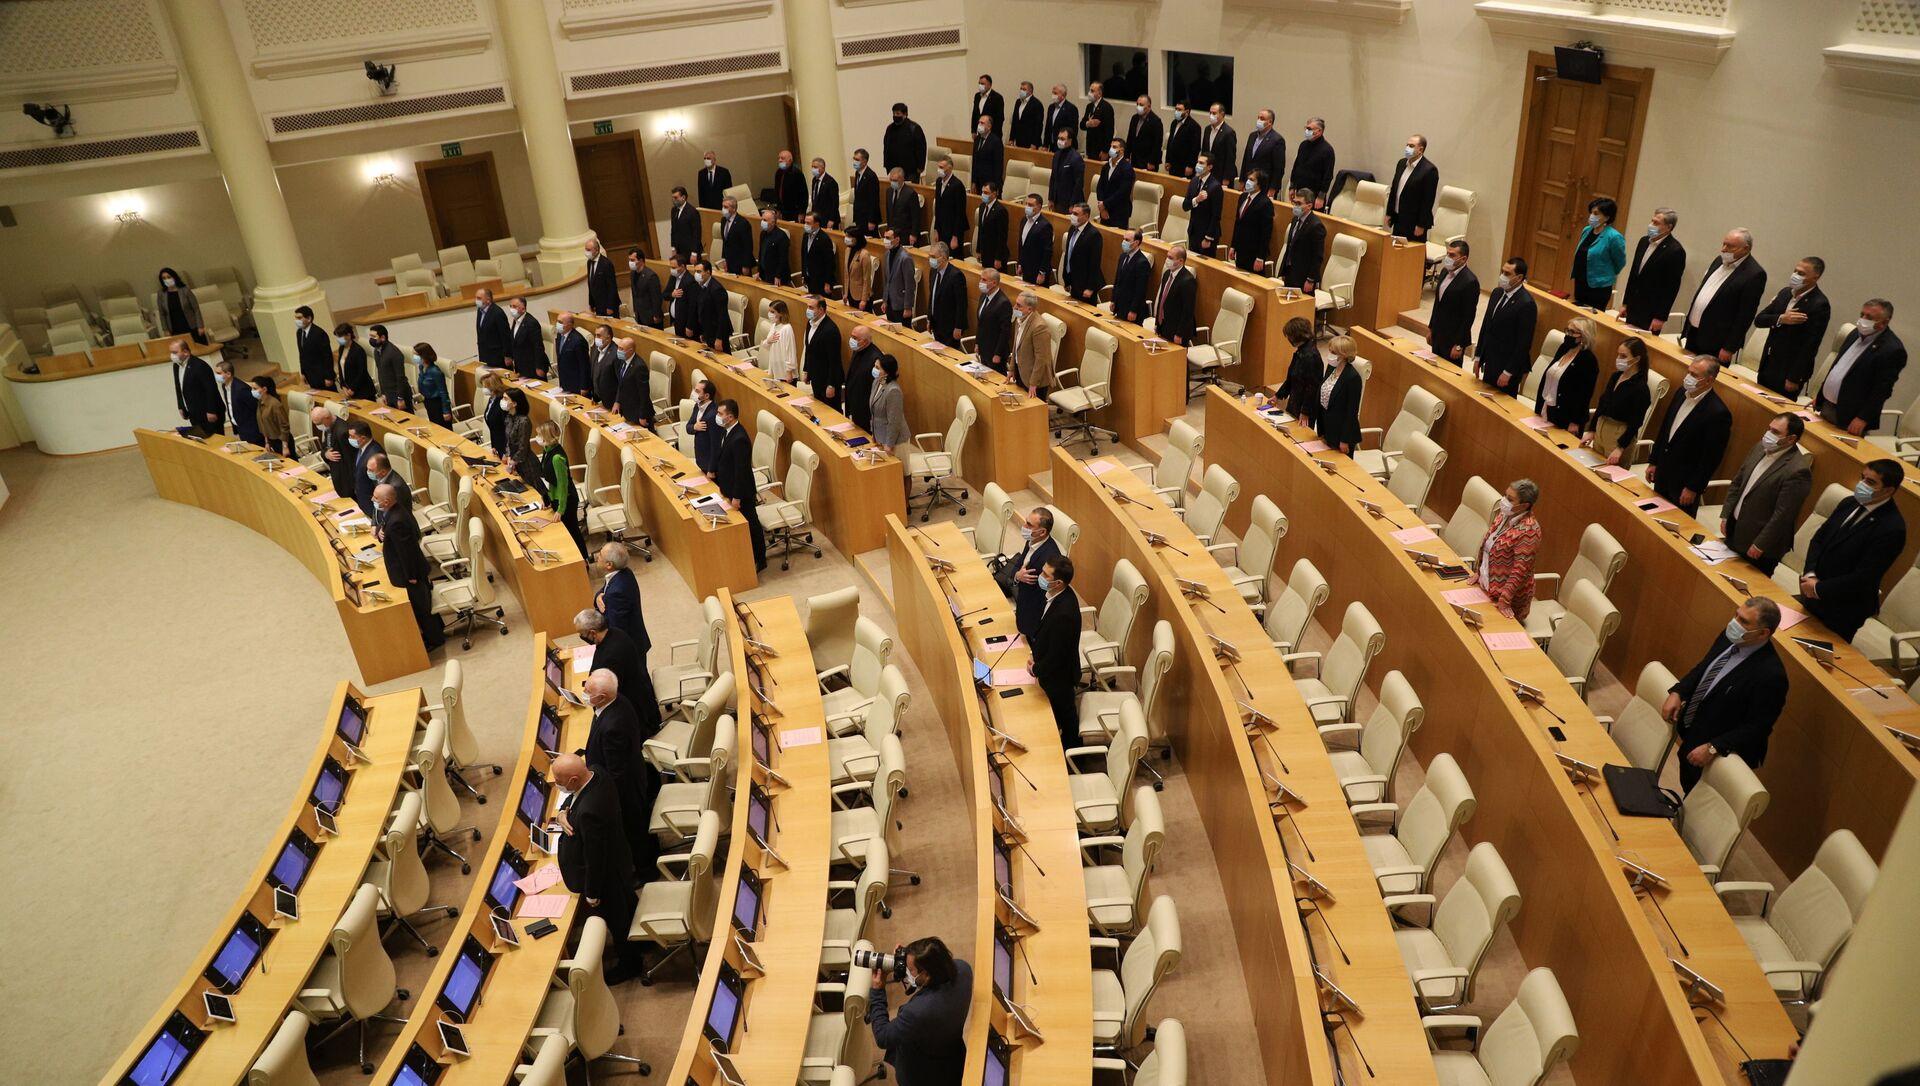 Парламент Грузии - депутаты в зале заседаний - Sputnik Грузия, 1920, 23.05.2021